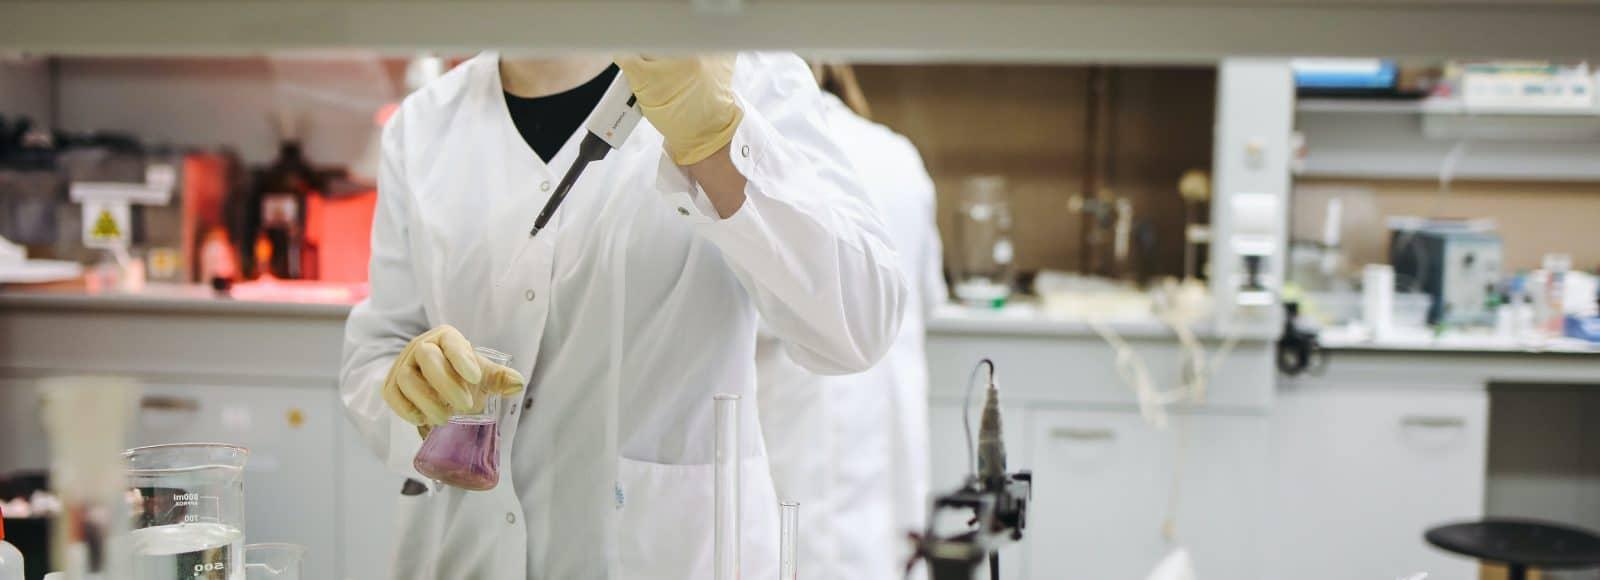 scientist-in-laboratory